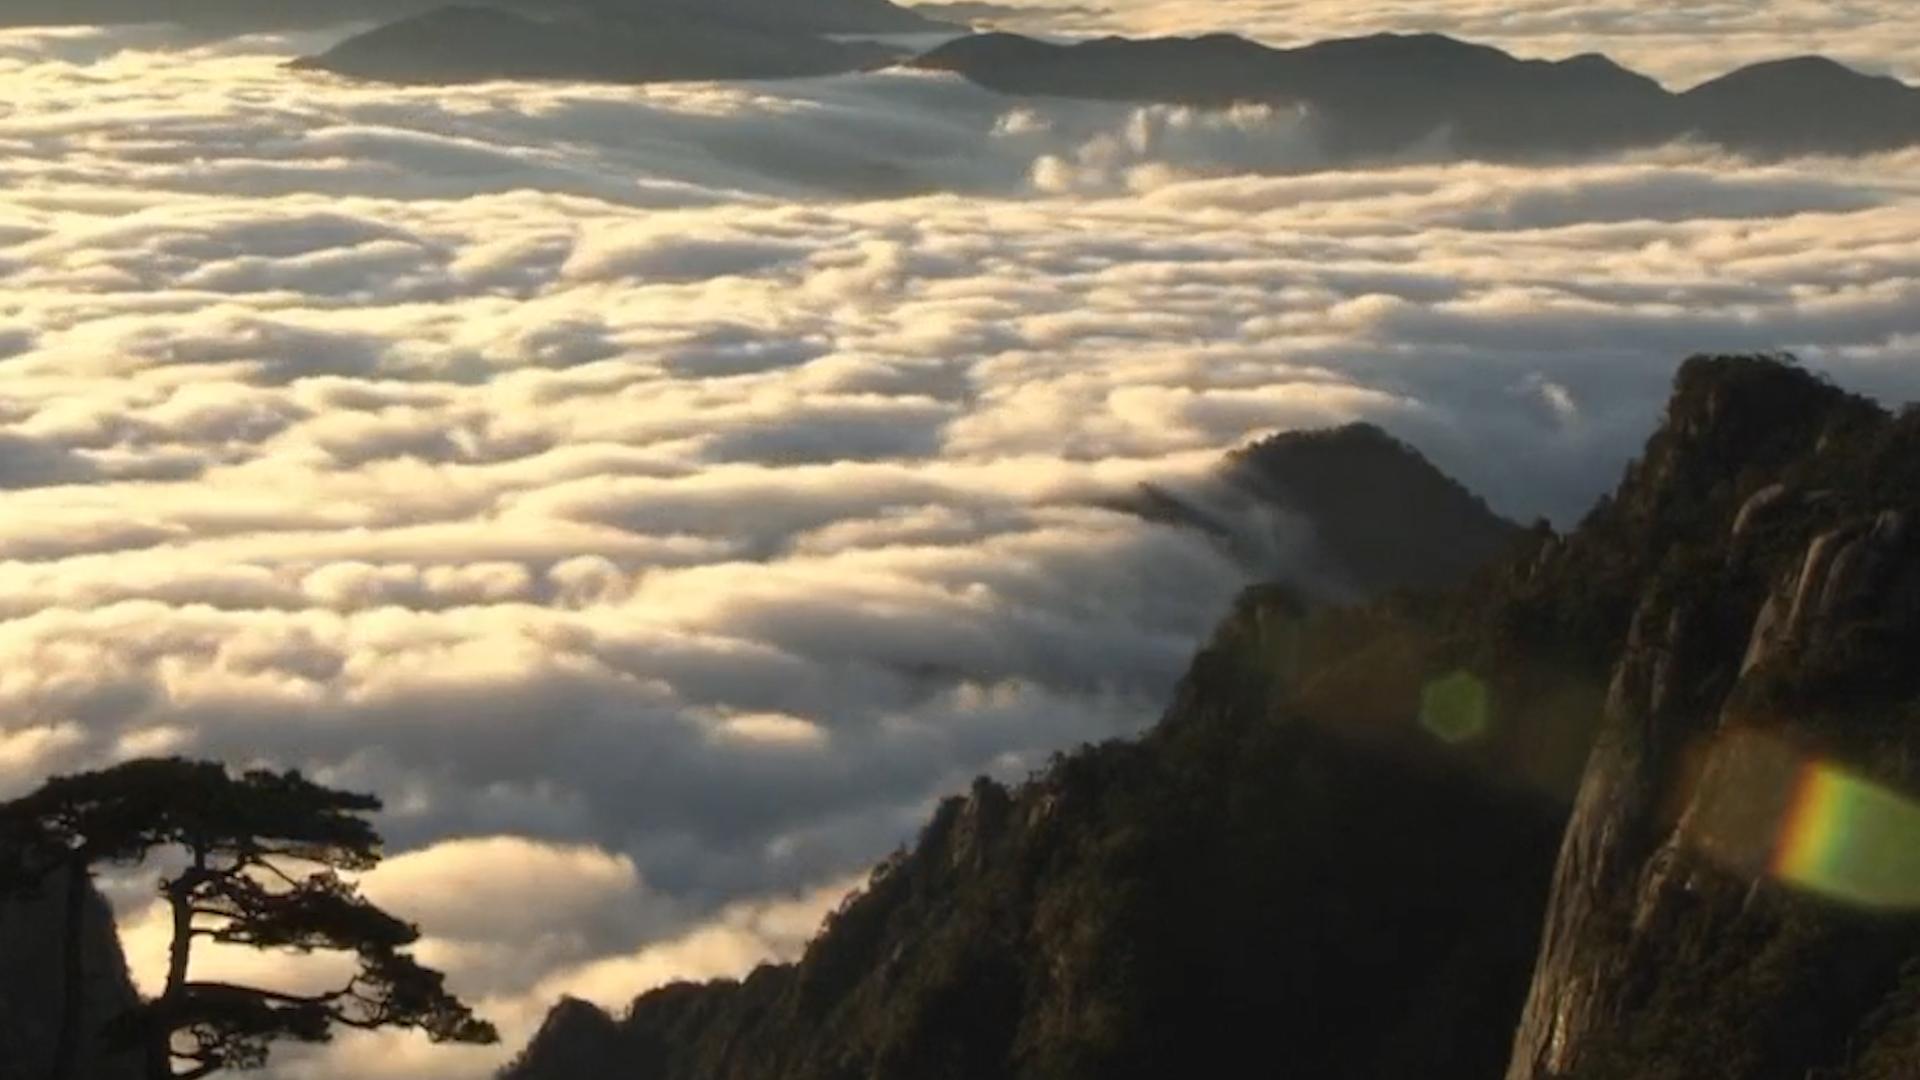 三山五岳之三山——黄山